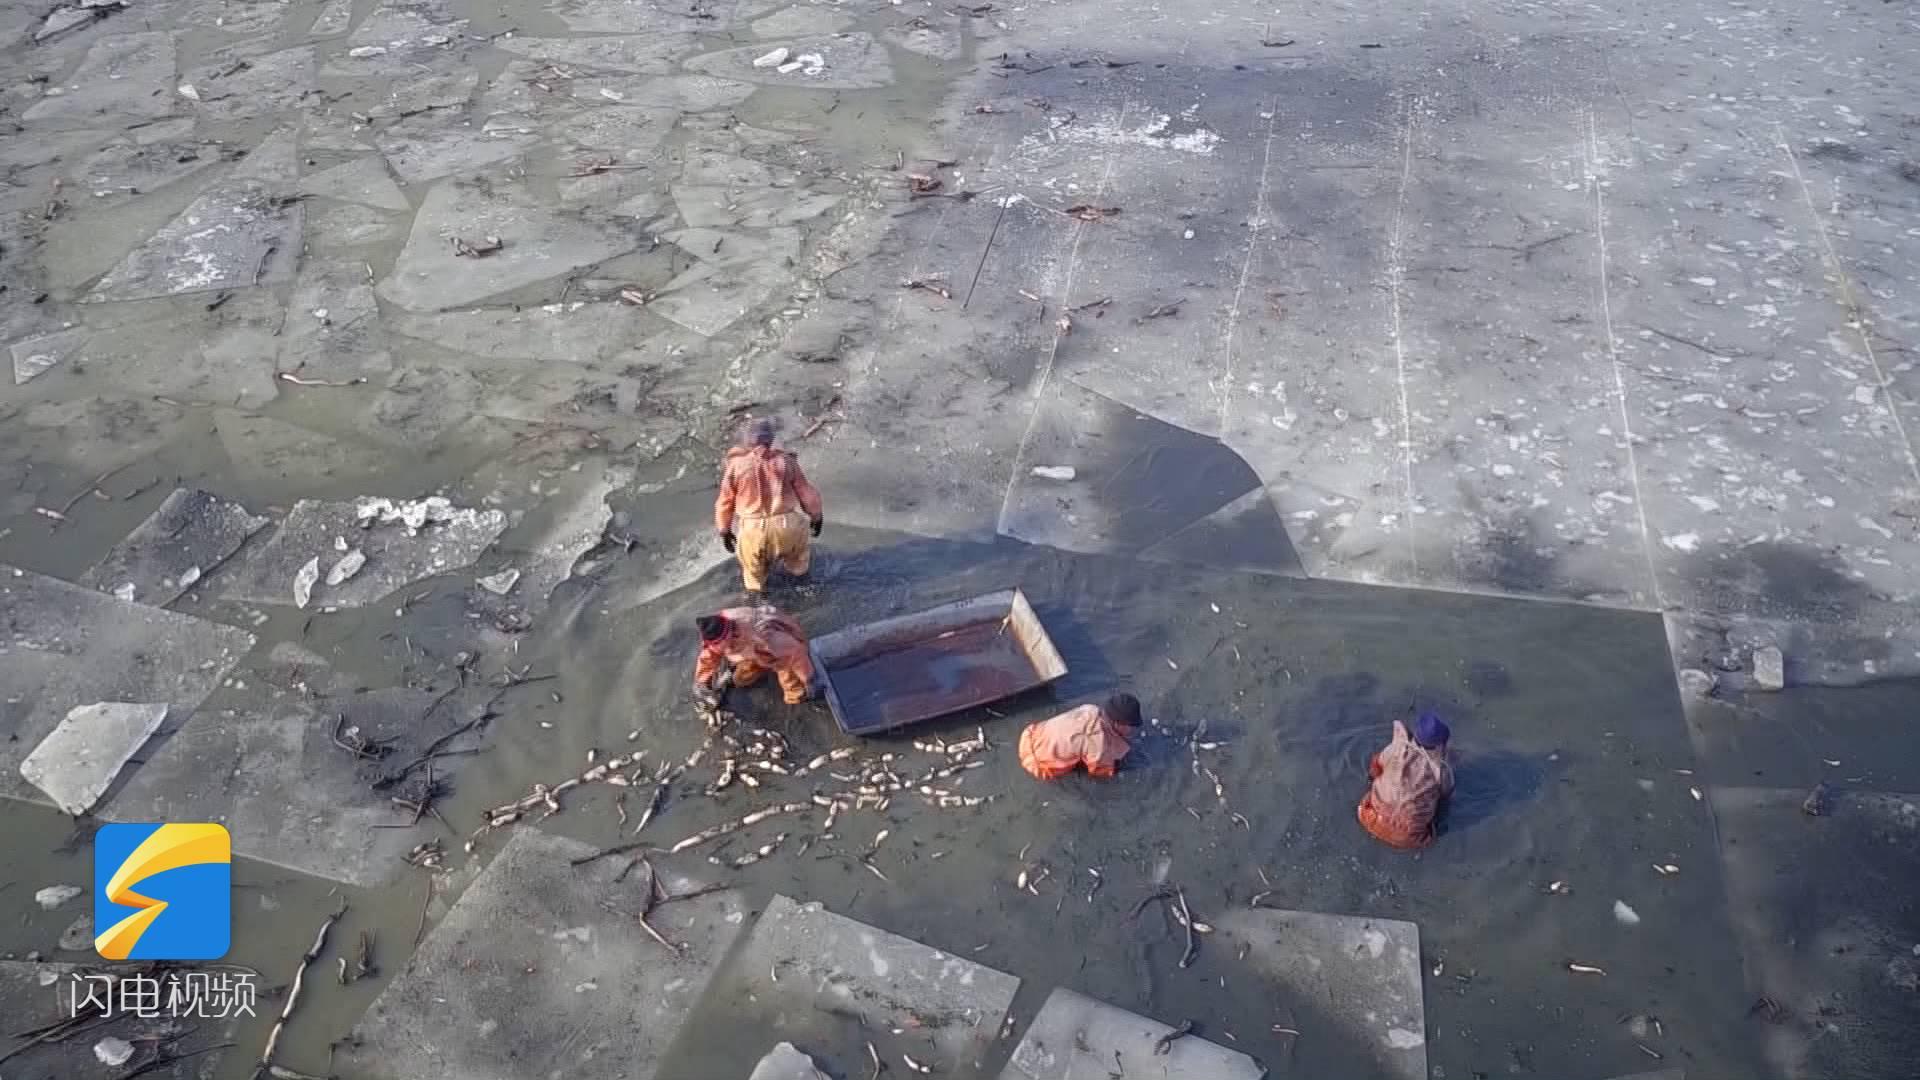 62秒丨破开20厘米的冰层只为踩藕,这种传统技艺你见过吗?